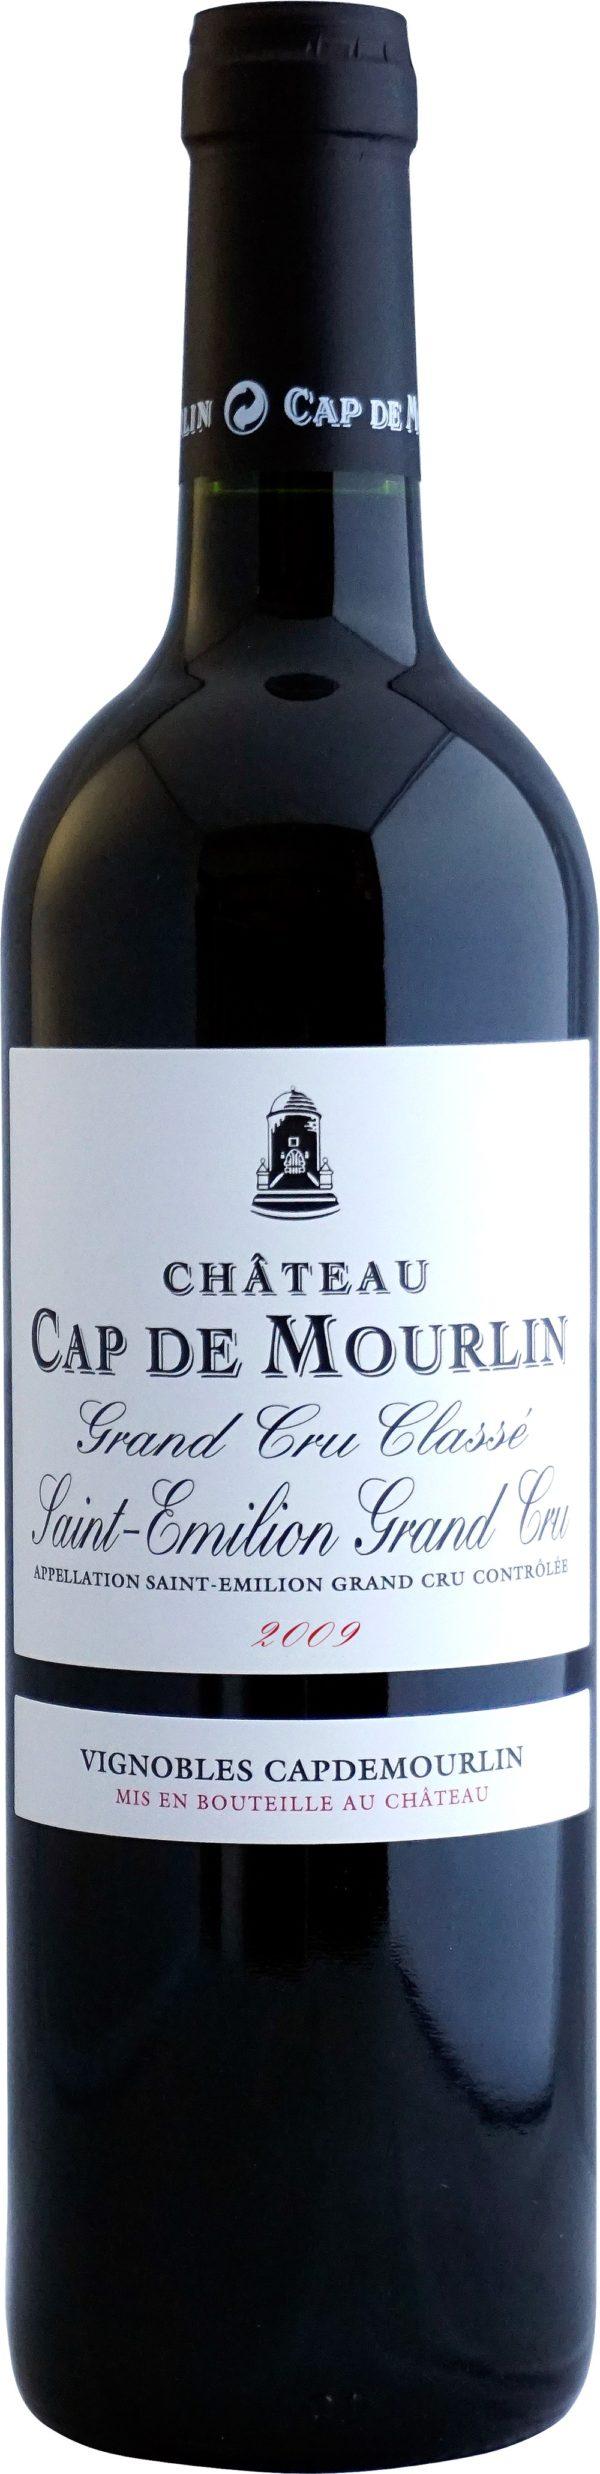 Château Cap De Mourlin 2009